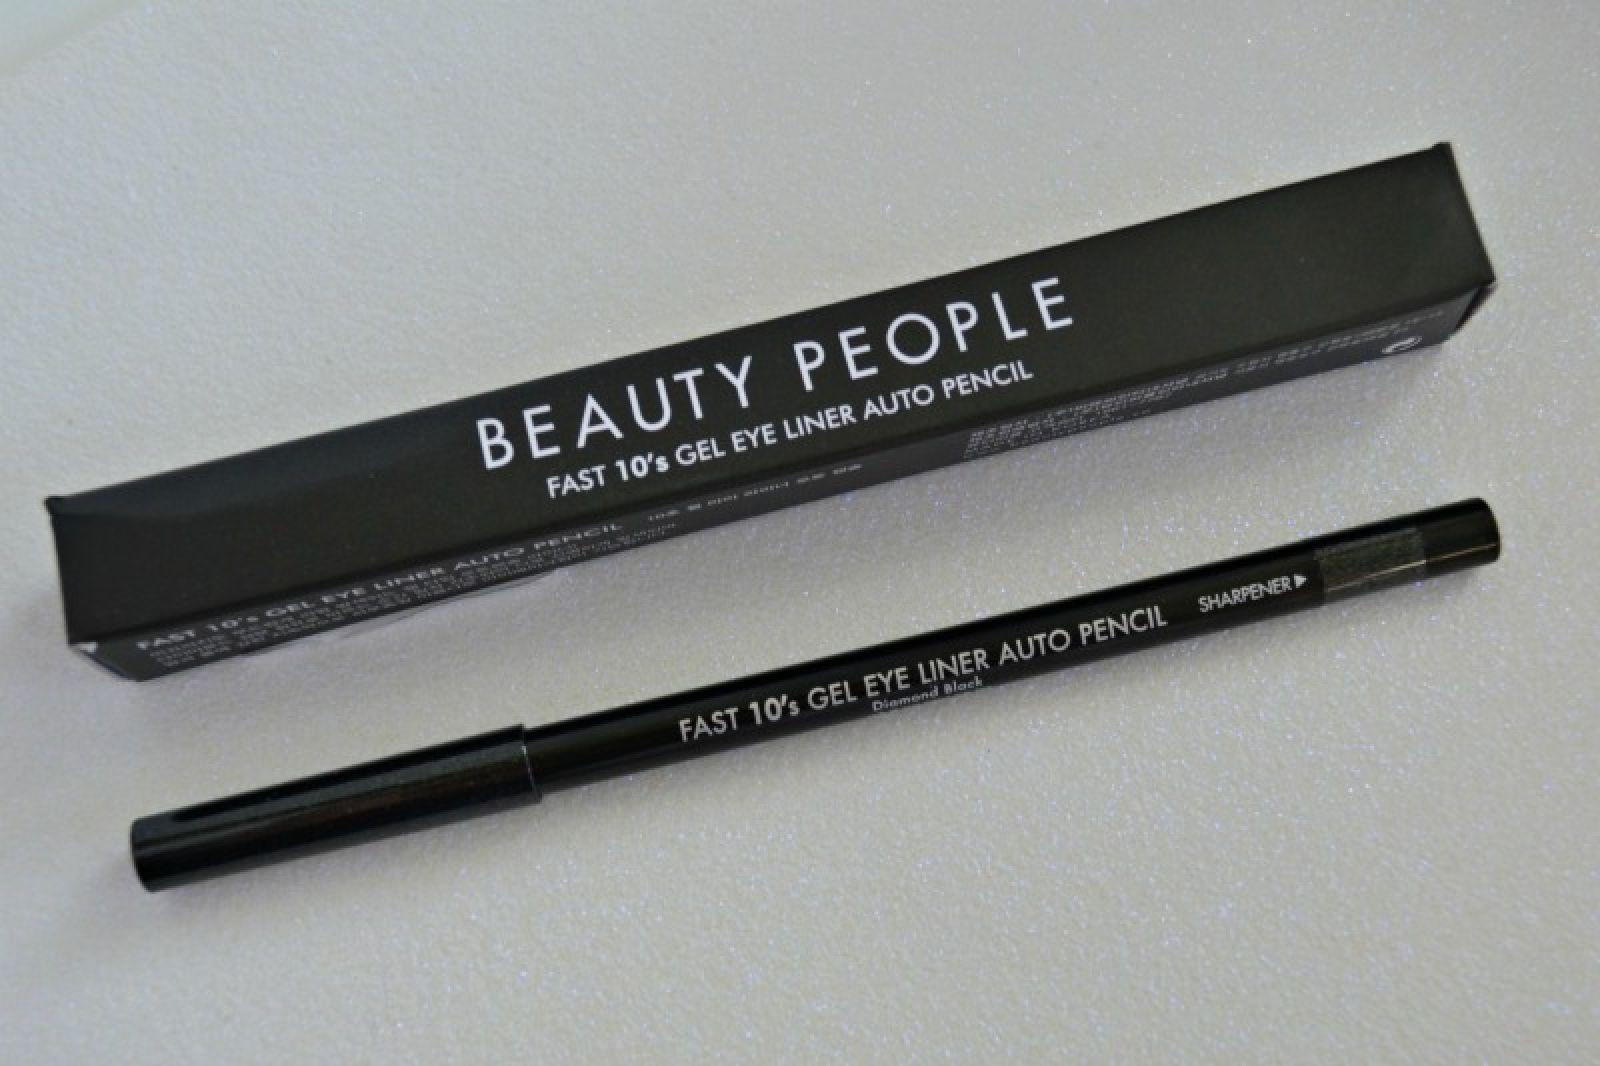 Beauty People Fast 10s Gel Eye Liner Auto Pencil in Diamond Black